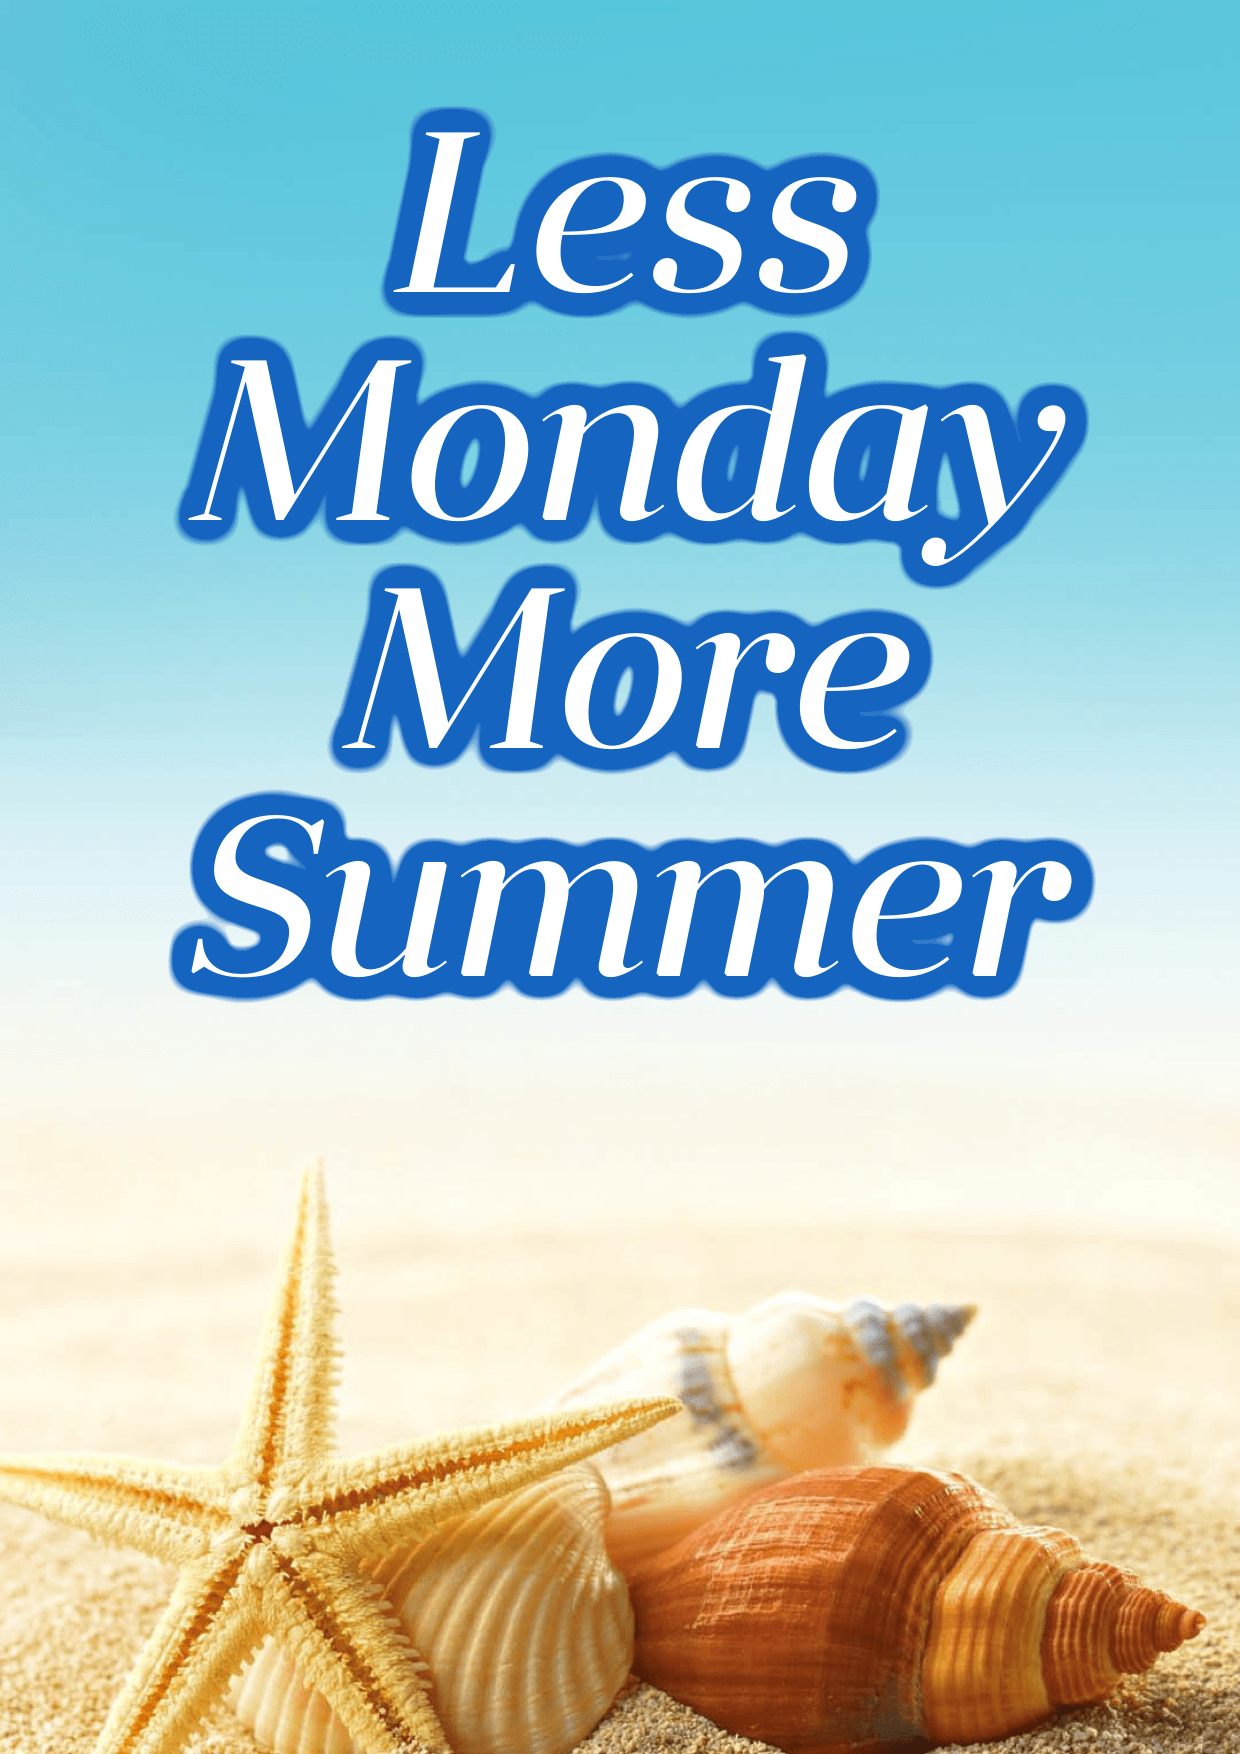 Summer,                Ocean,                Beach,                Fun,                Vacation,                Vibes,                Waves,                Sea,                White,                Blue,                Aqua,                 Free Image